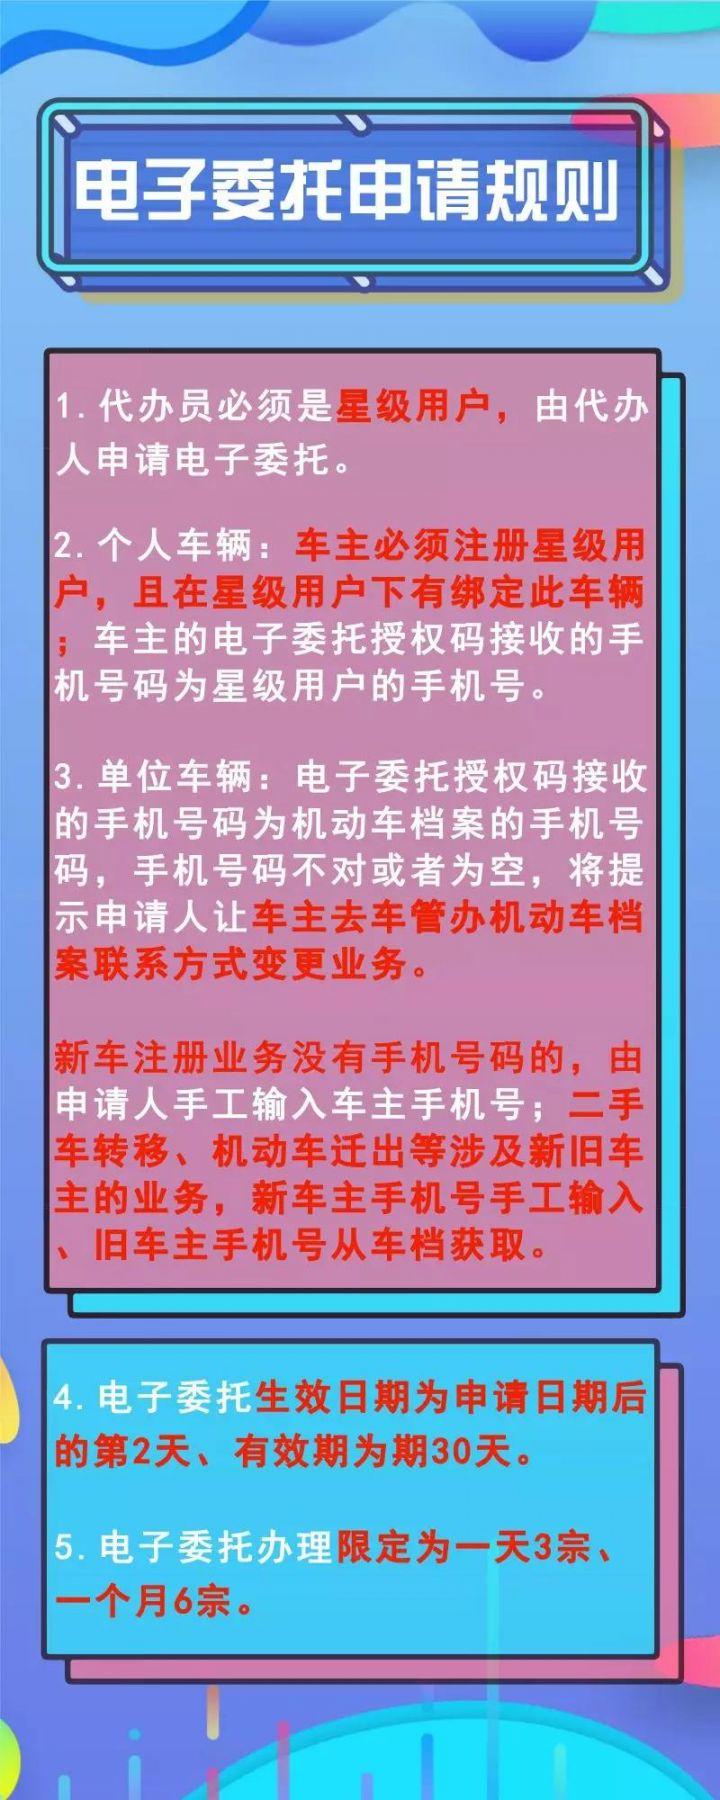 深圳车管驾业务全新代办备案制度(分类 操作流程 规则)